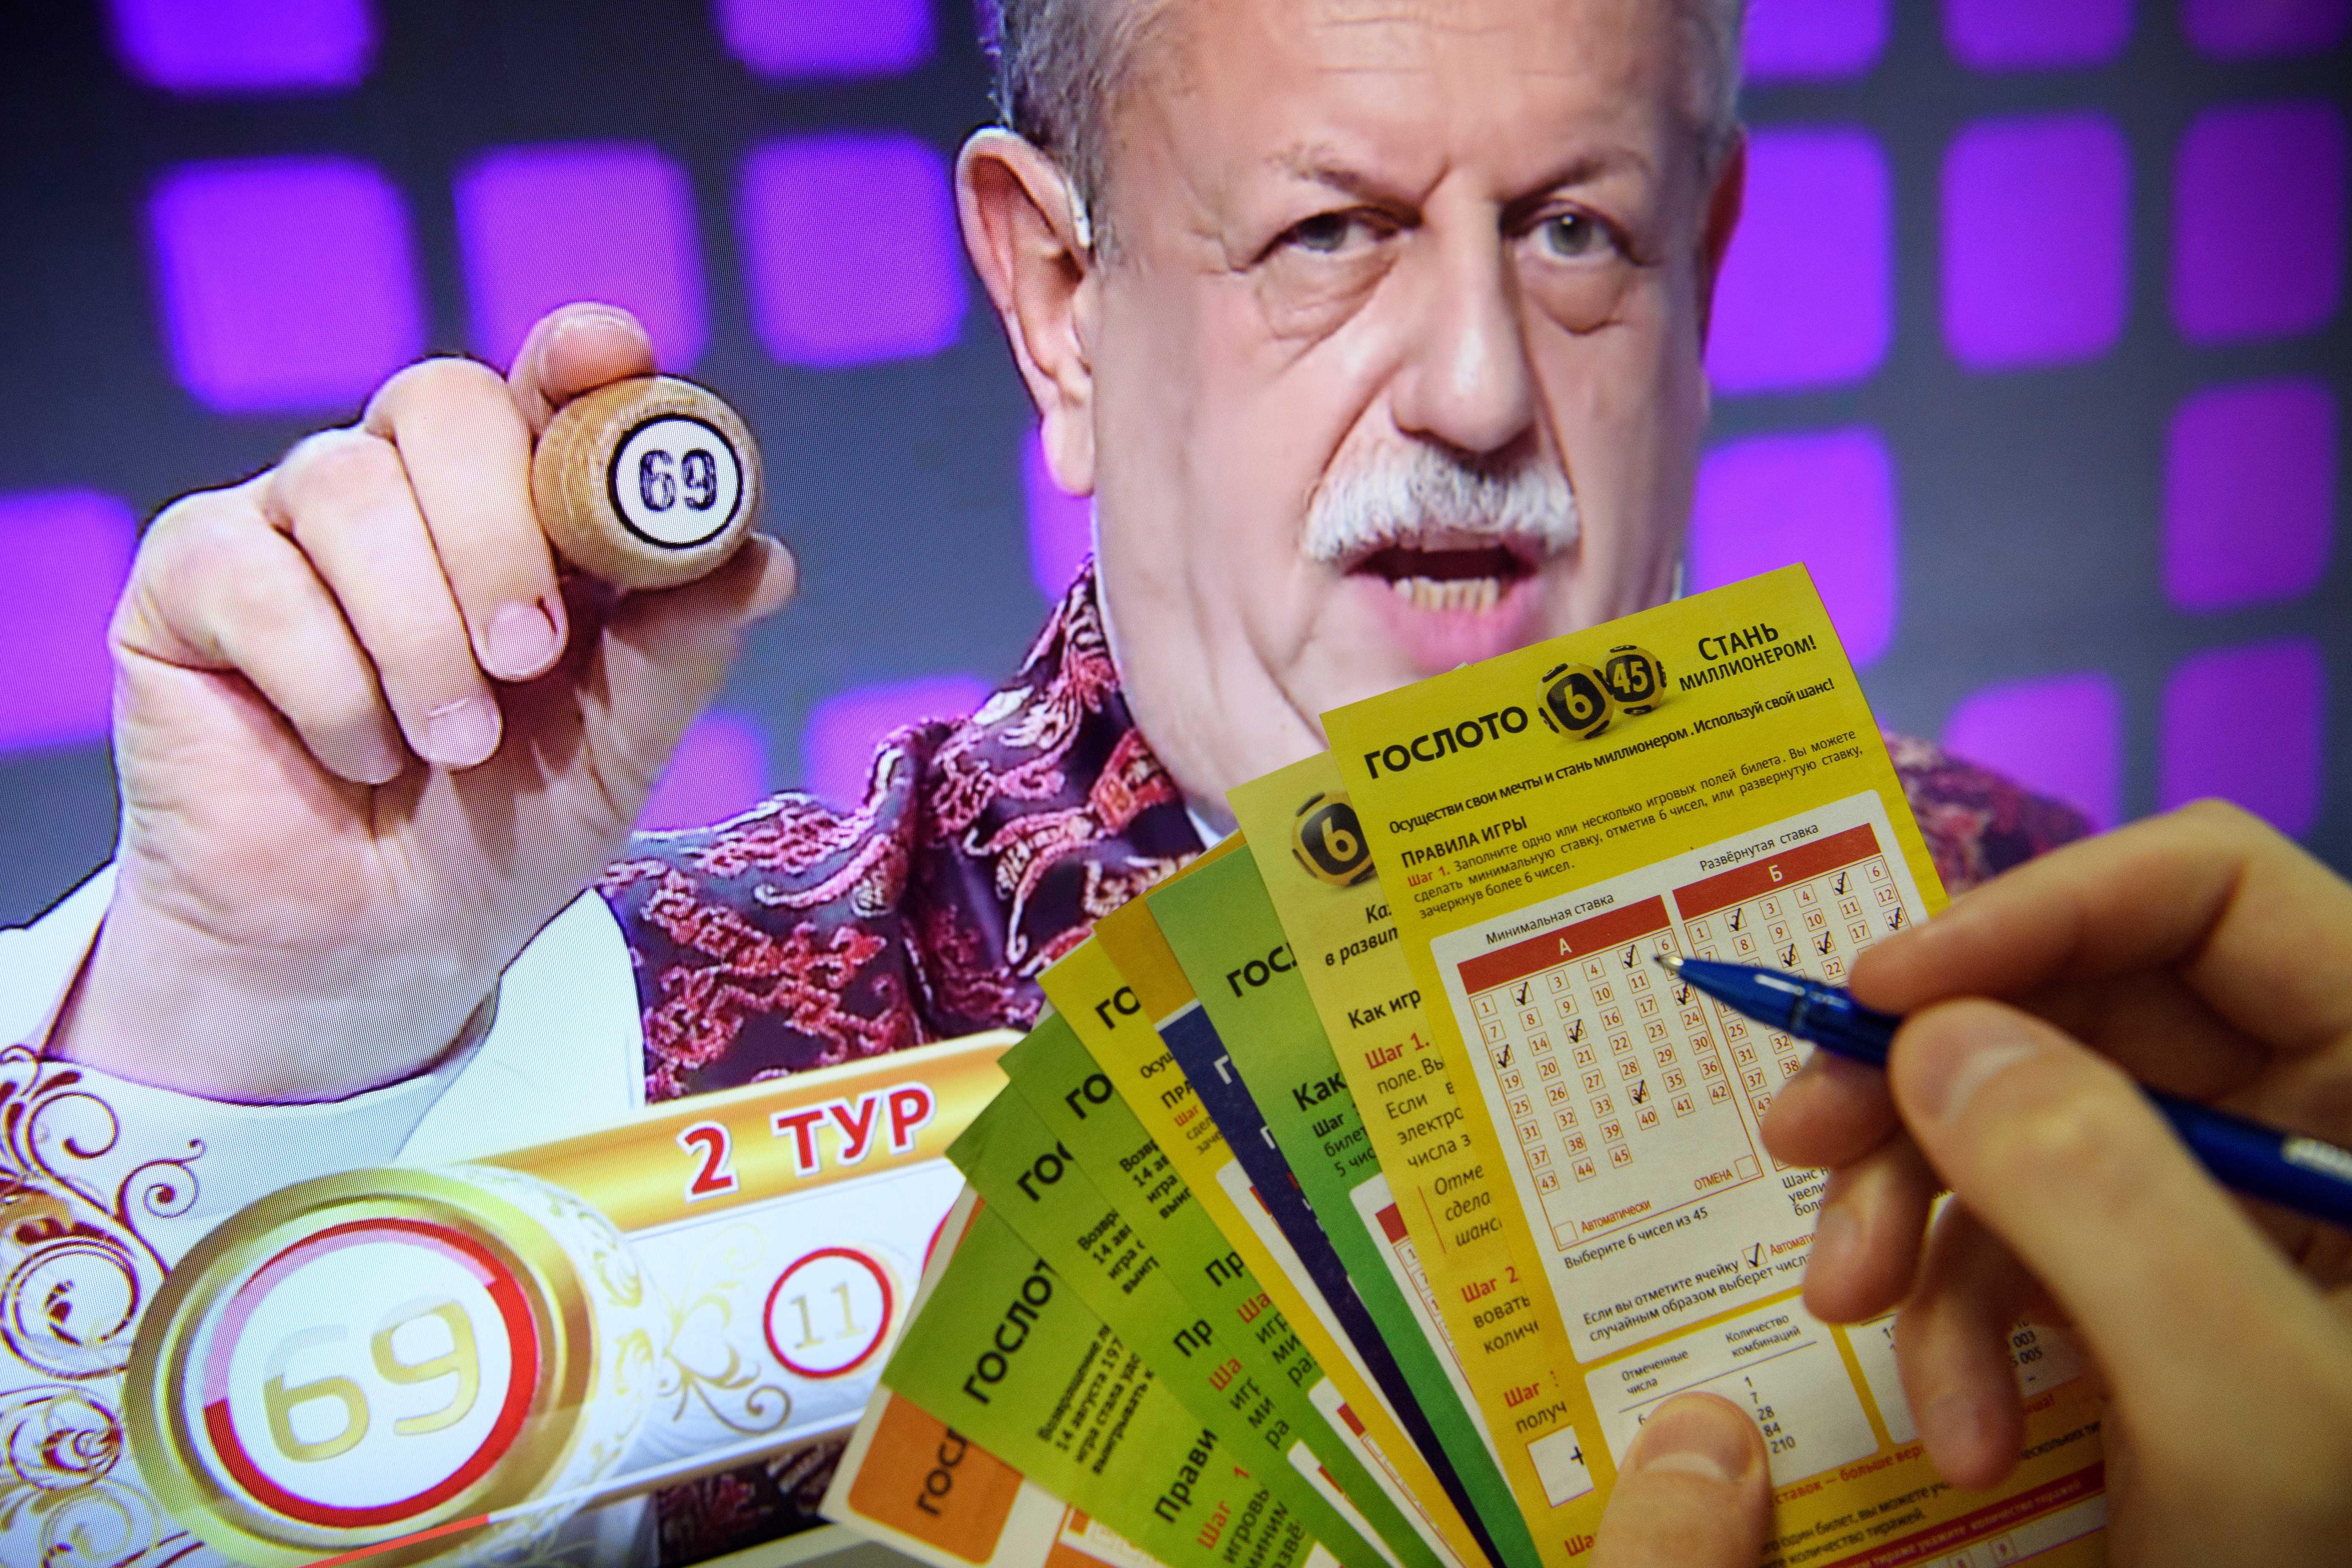 Наука подтверждает, что победители лотереи остаются богатыми и счастливыми - timelottery